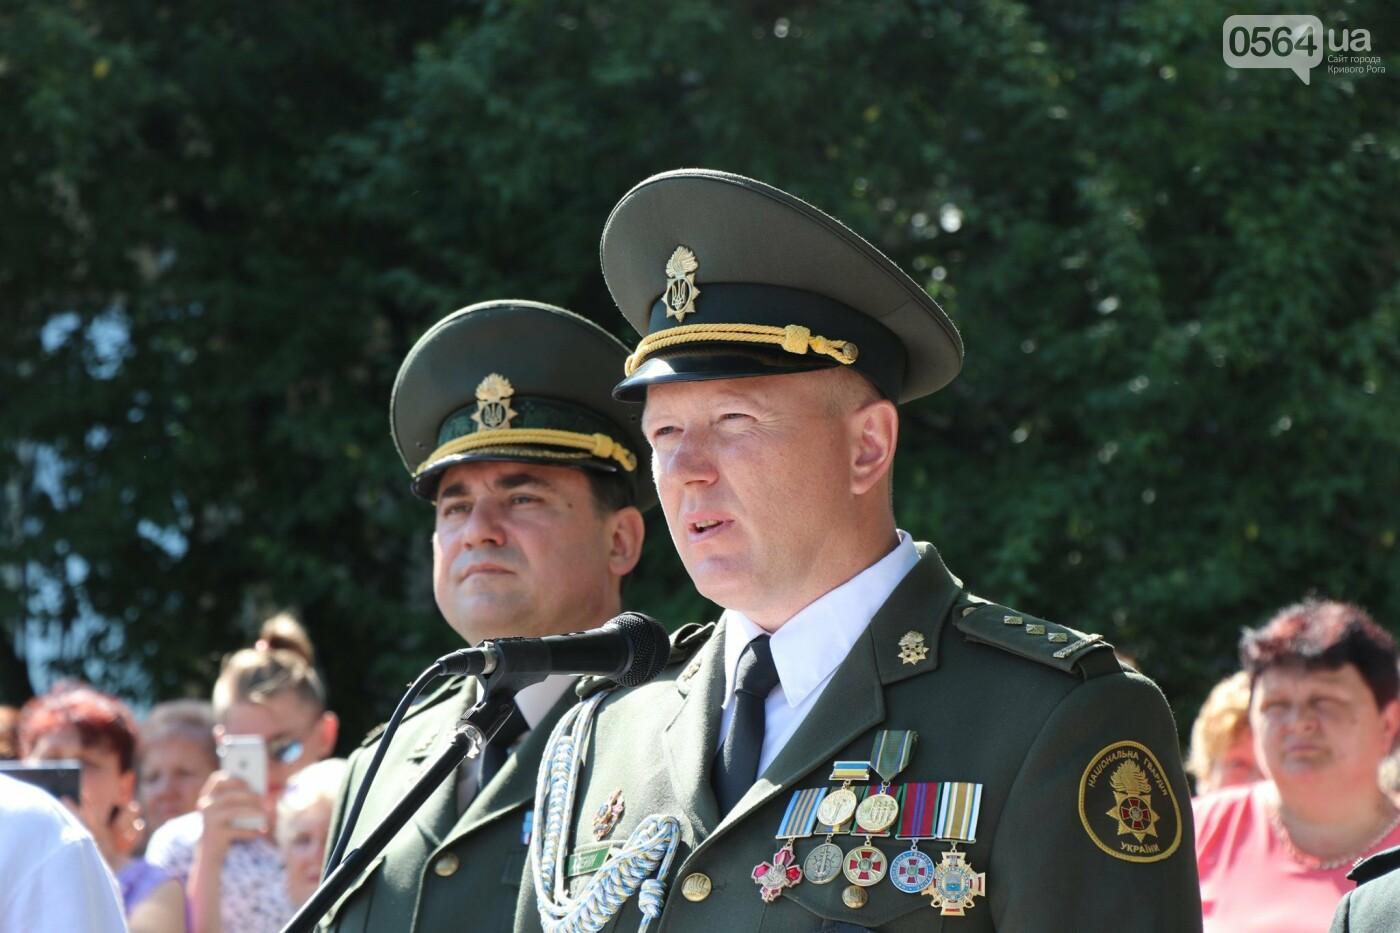 В Кривом Роге 168 нацгвардейцев торжественно приняли присягу на верность украинскому народу, - ФОТО, фото-5